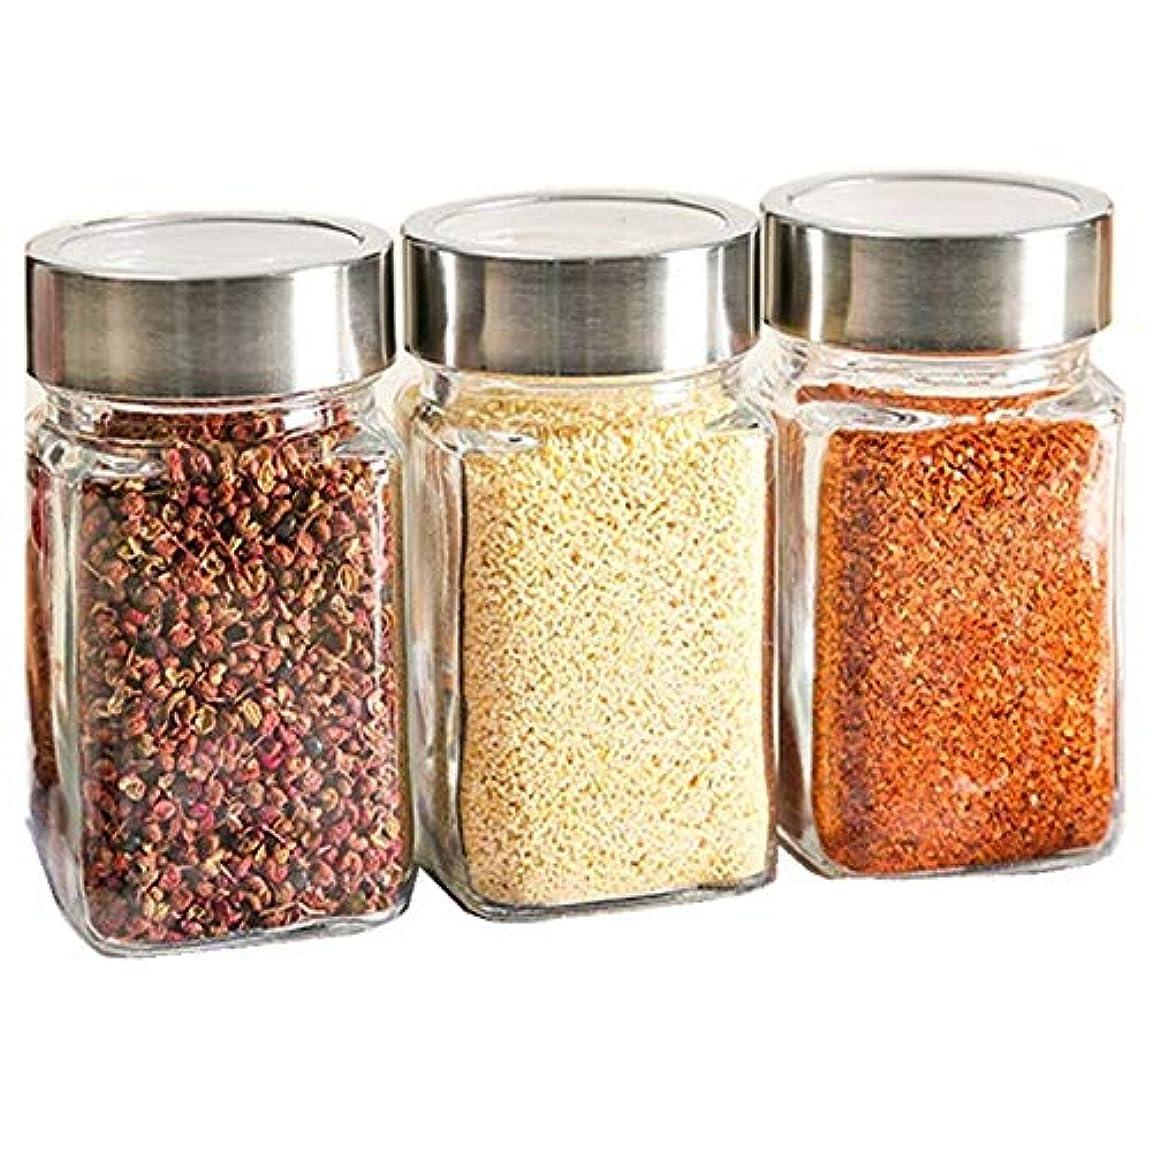 コンパイル宝絶えず貯蔵瓶麦藁多目的貯蔵タンク台所用品